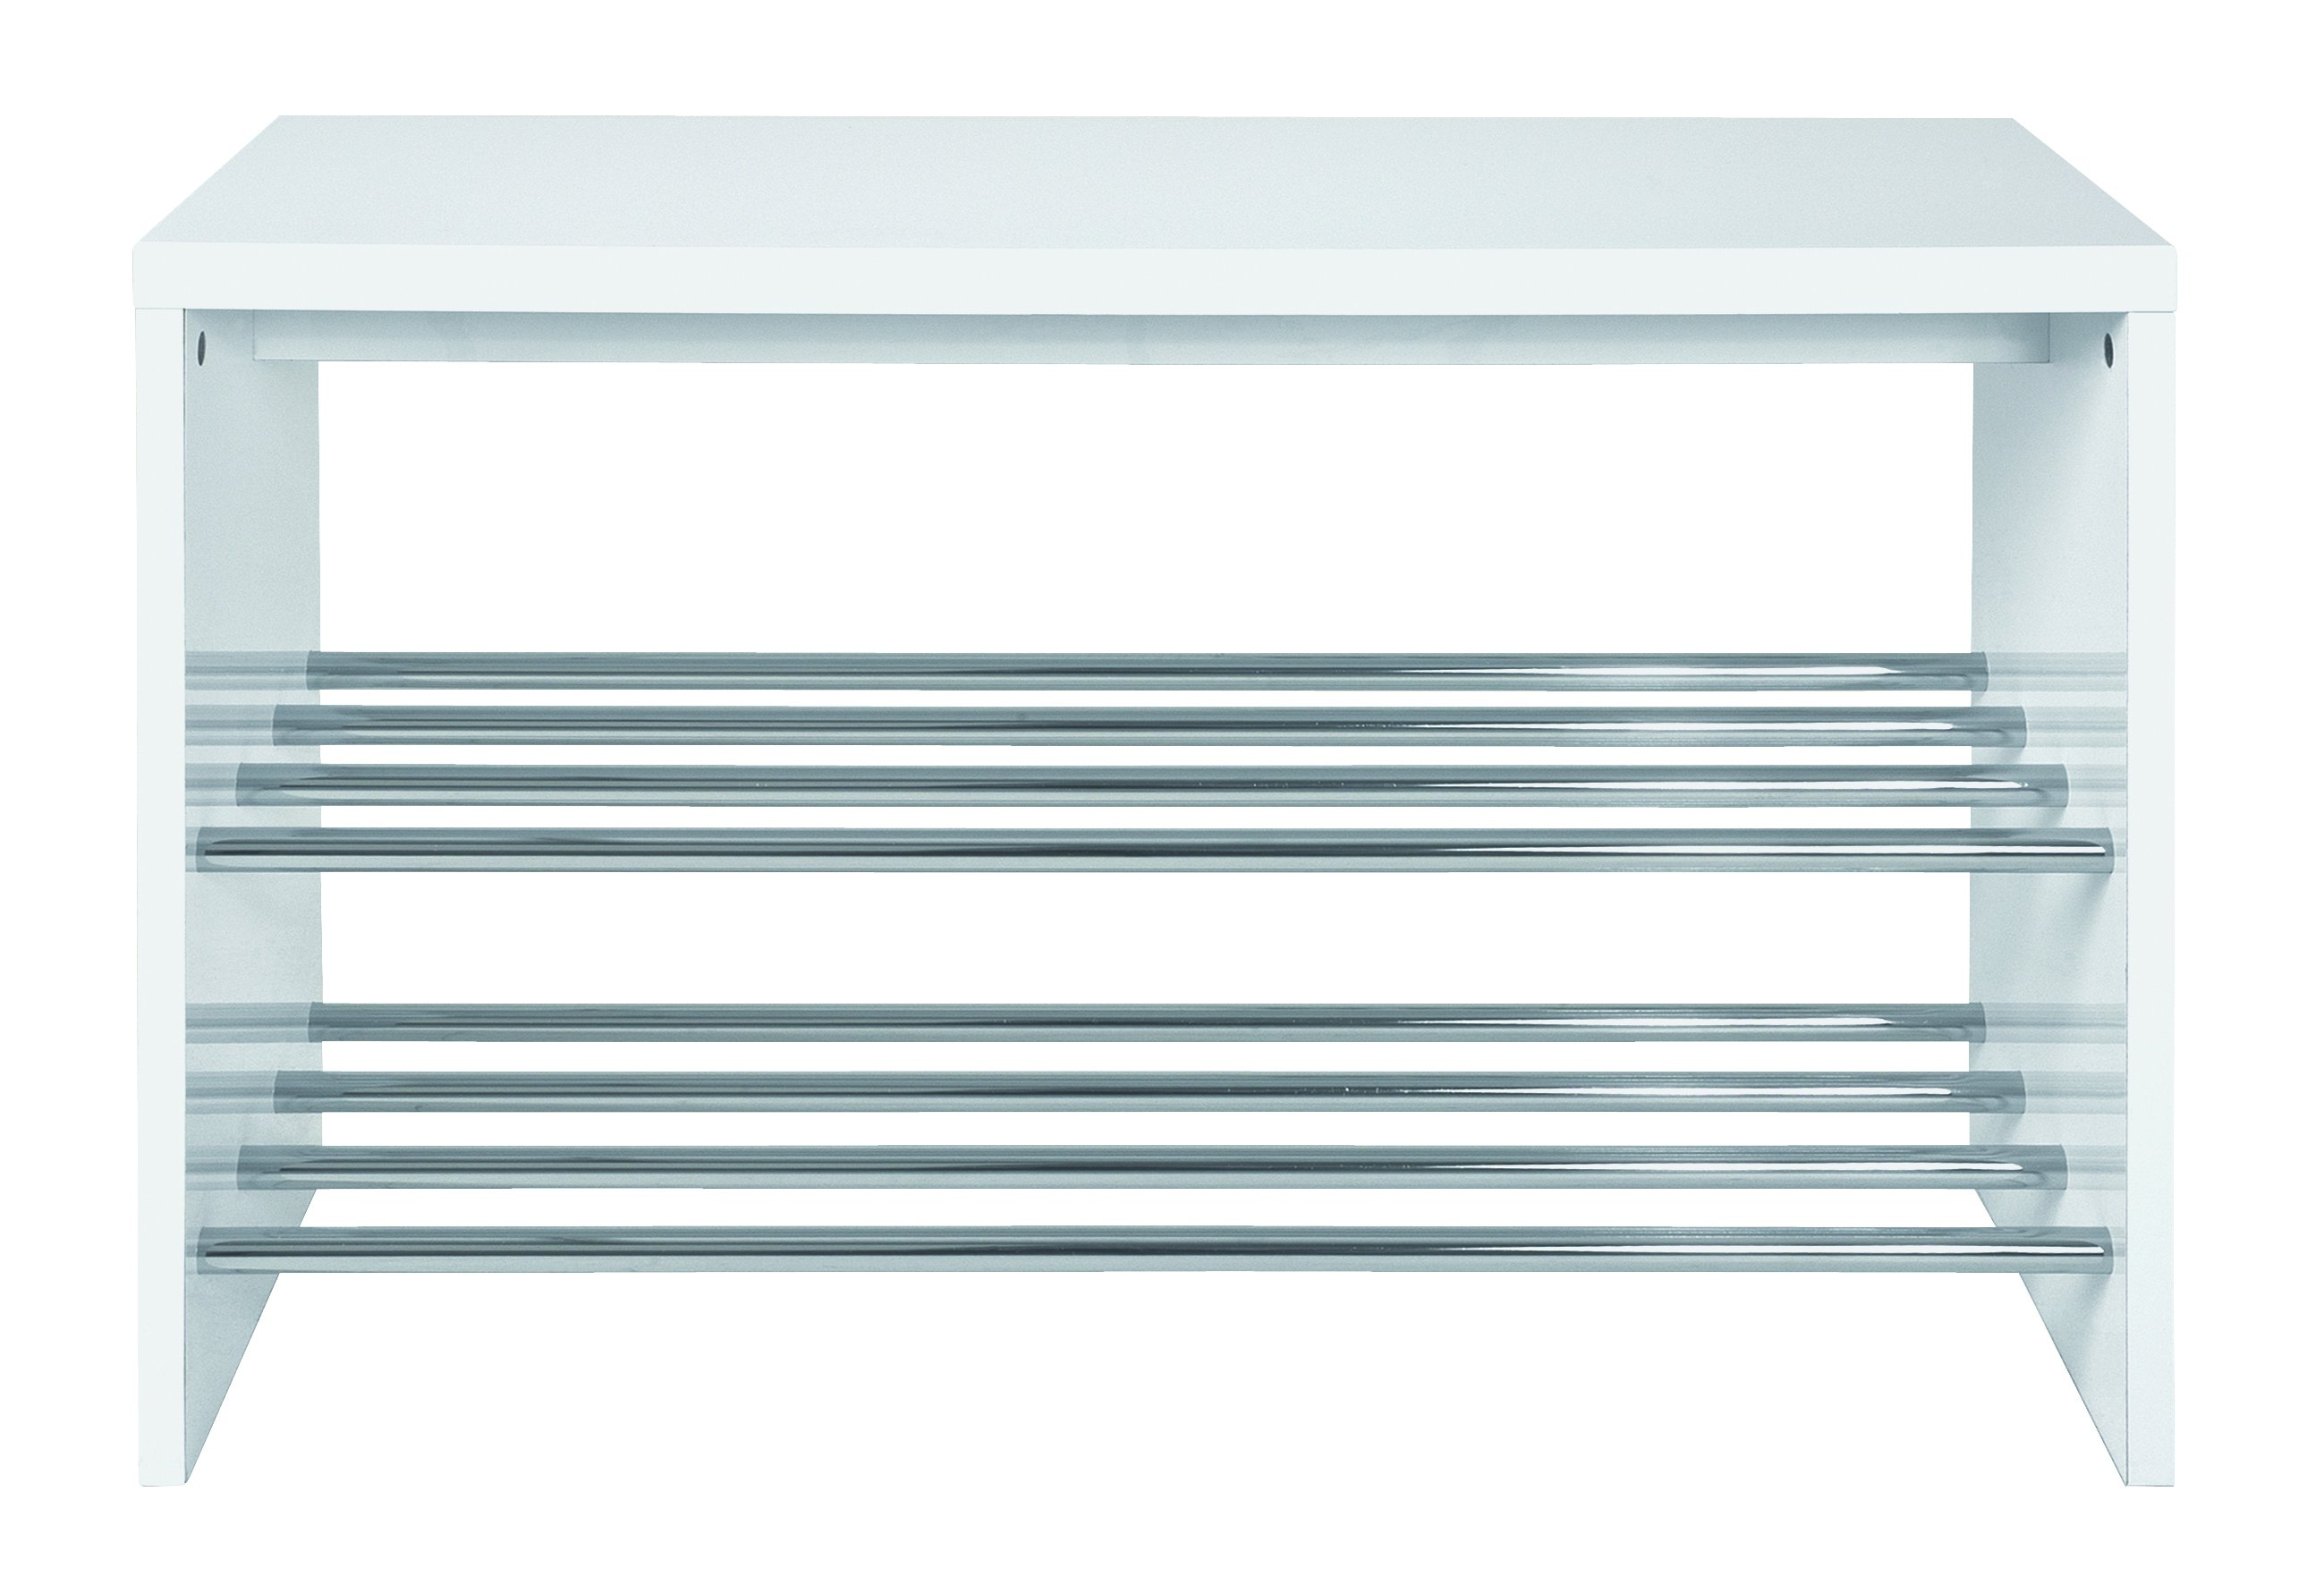 Schuhbank Martin 2 FaserSpanOderWabenplatte/MDF (Mitteldichte Faserplatte),Kunststoffoberfläche,MetallEisen/Metall,MetallEisen/Stahlrohr